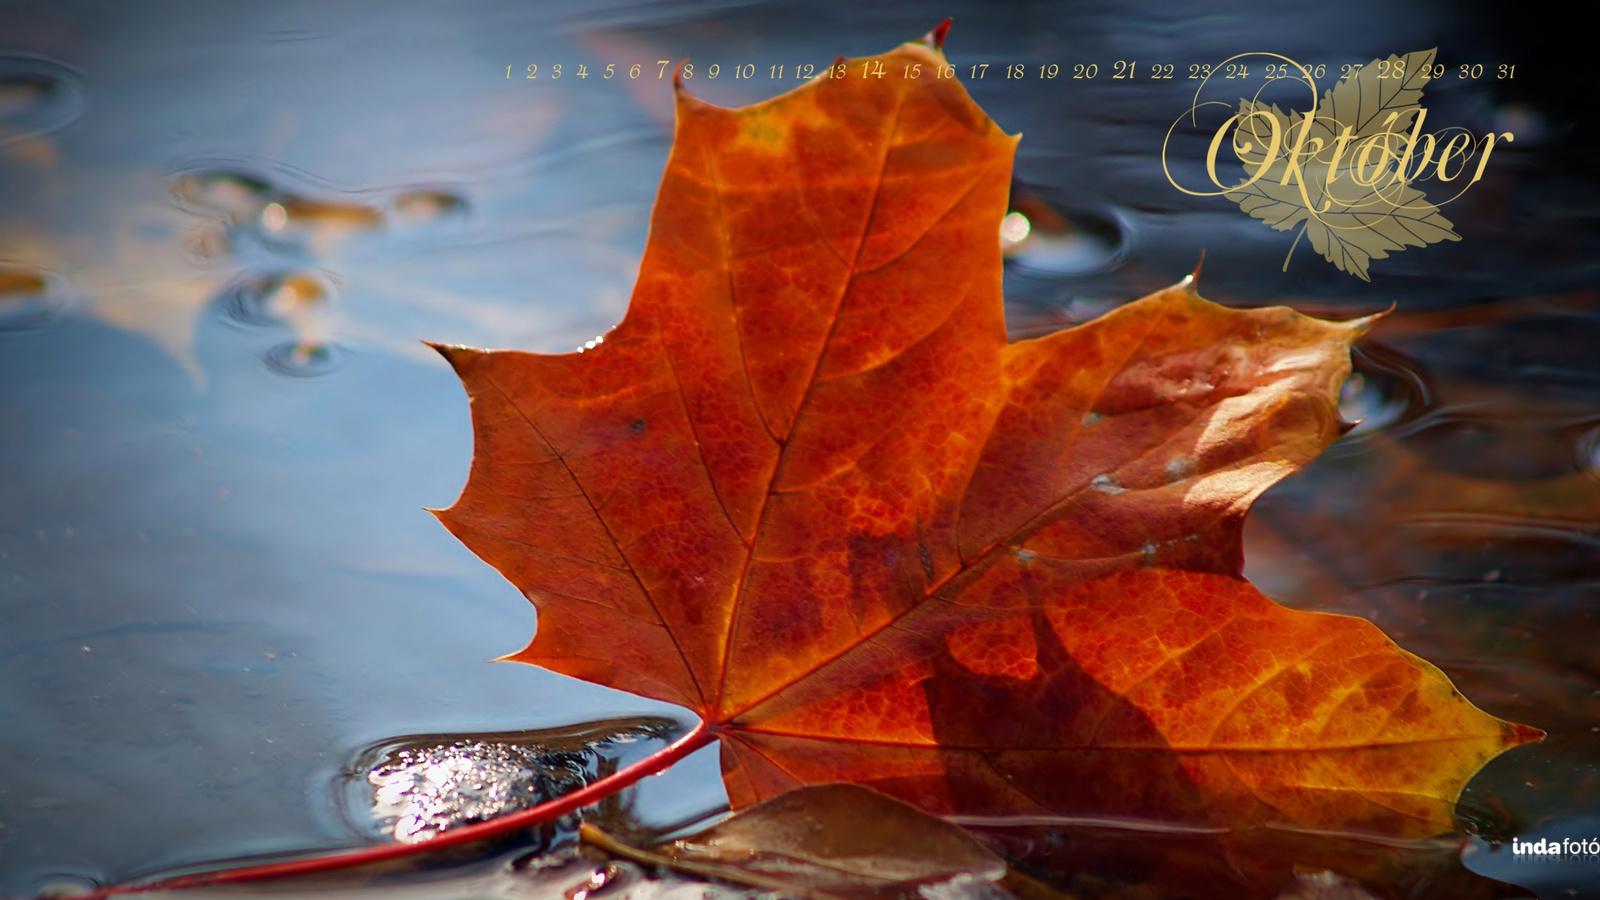 októberi naptár háttérkép Októberi áreső októberi naptár háttérkép